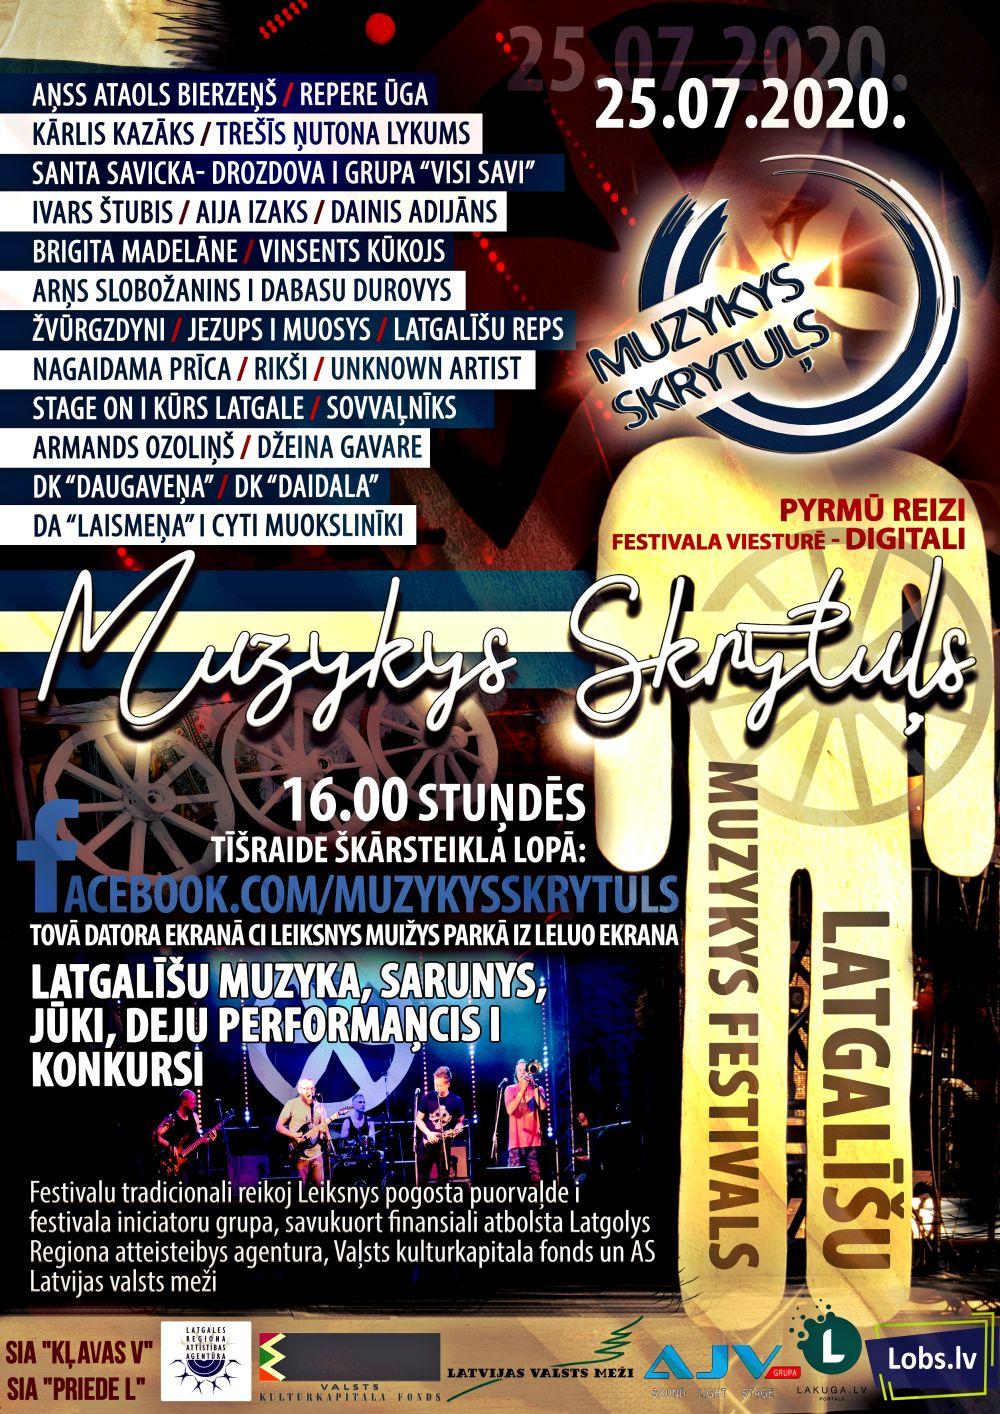 """Festivals """"Muzykys Skrytuļs"""" @ Vyss pasauļs"""